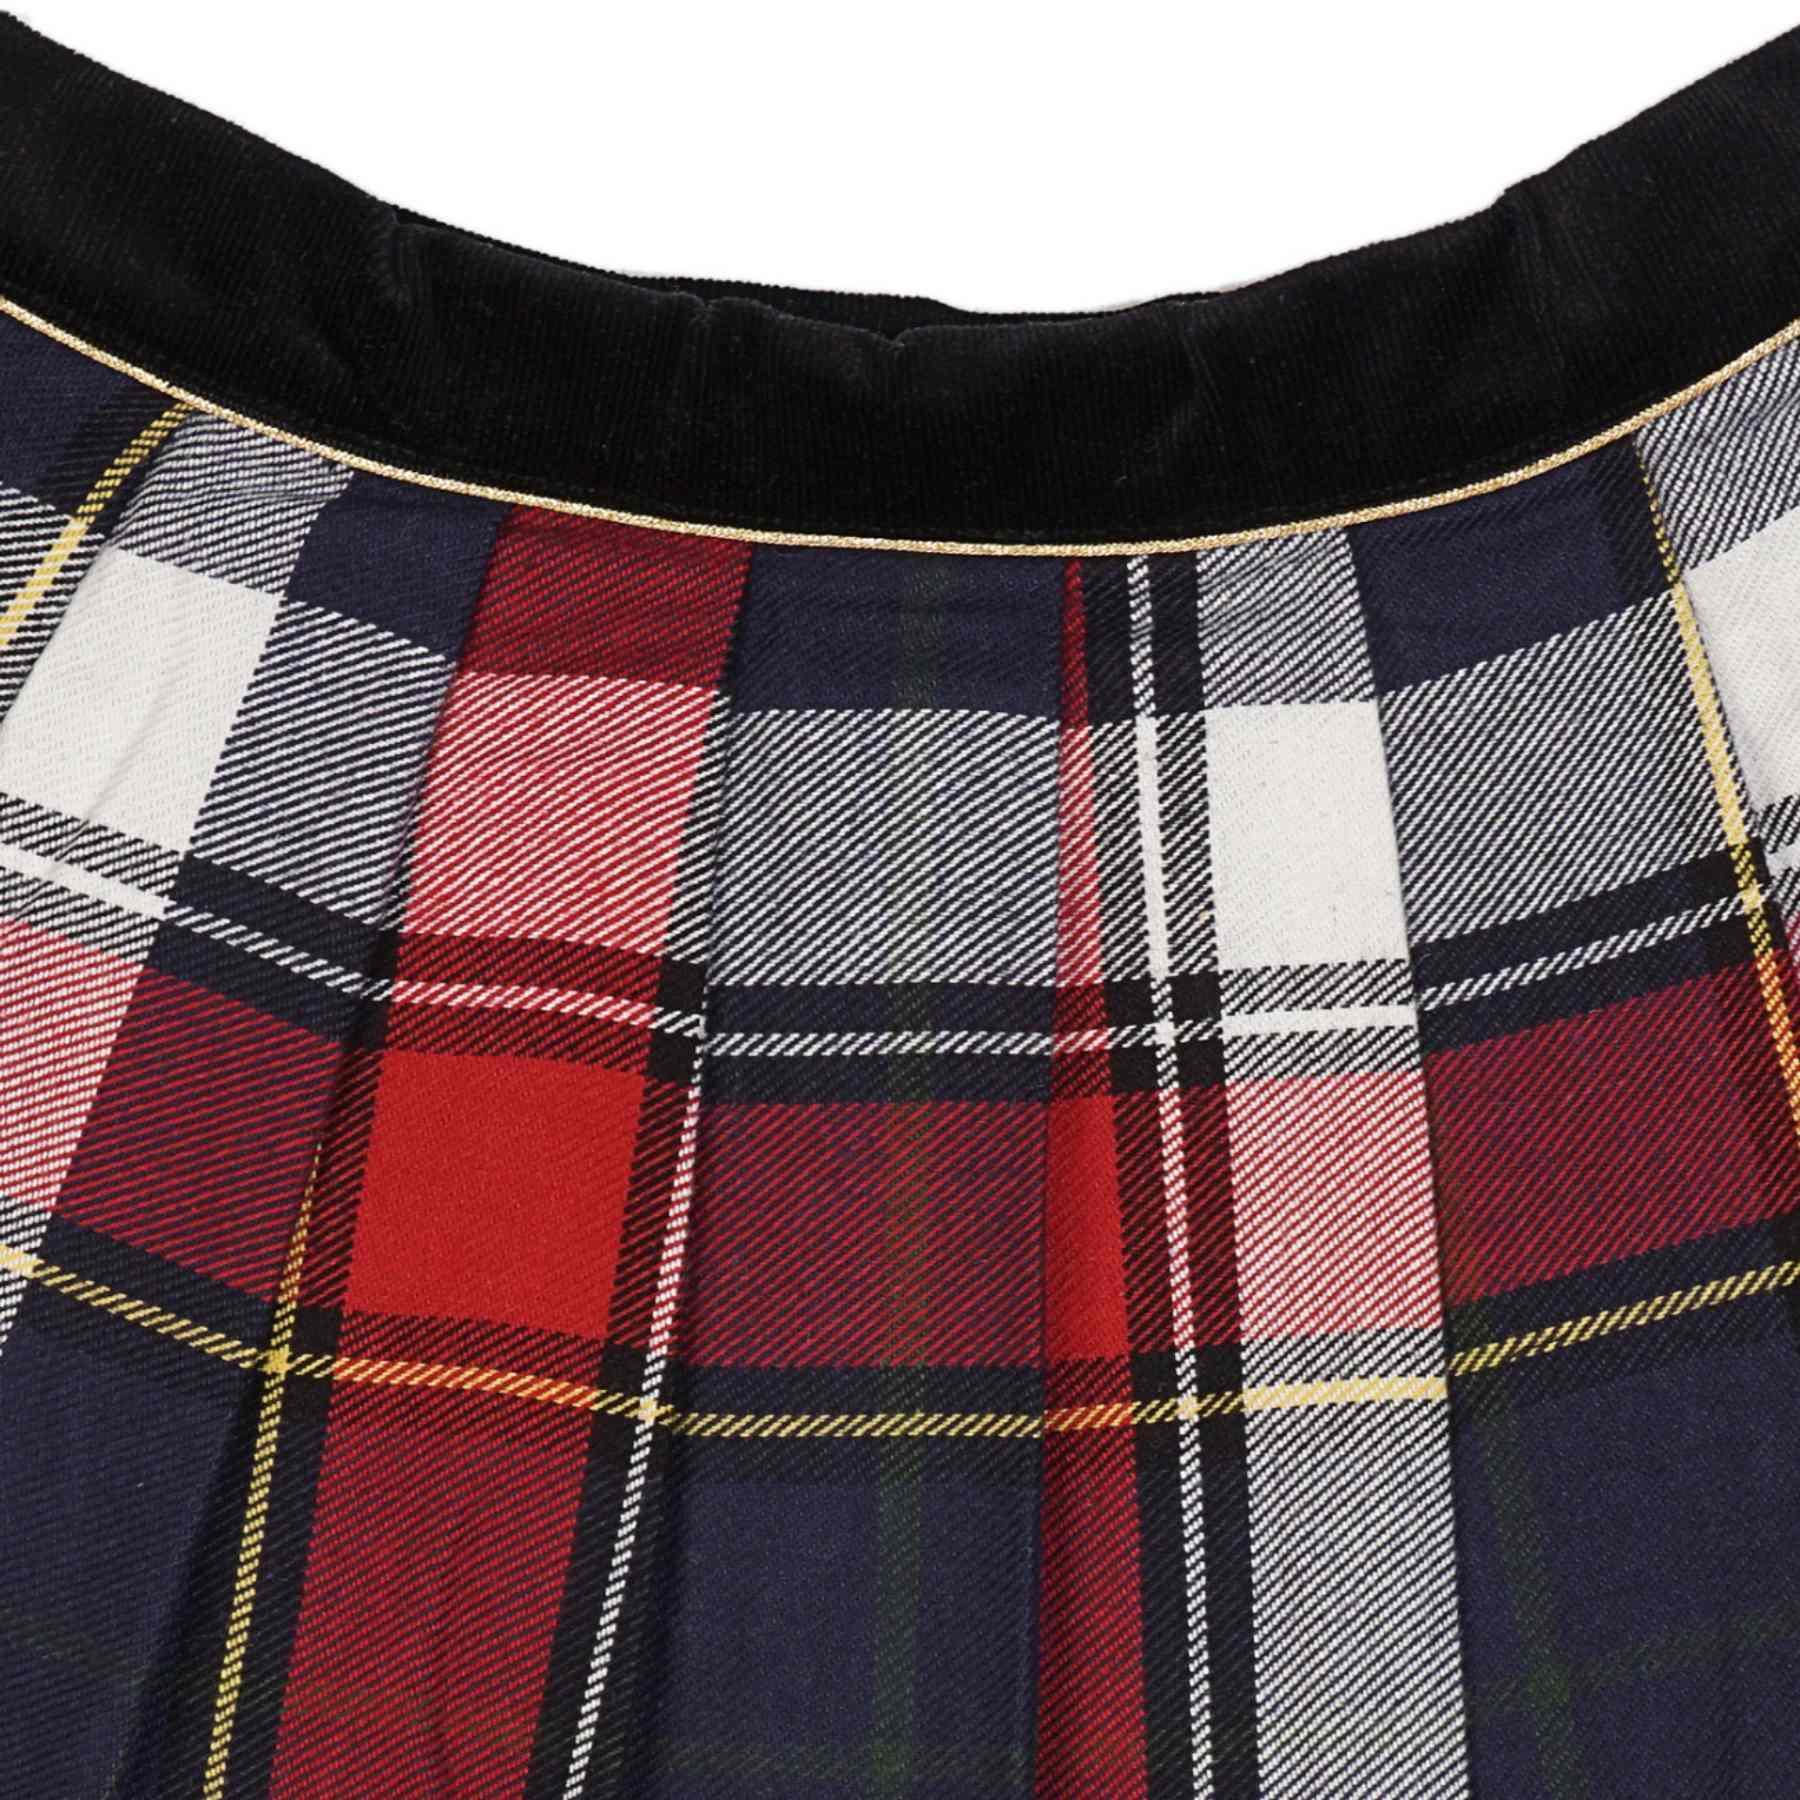 jupe écossaise en laine carreaux tartan bleu marine rouge pour filles et ados de 2 à 16 ans, avec ceinture intégrée en velours noir et biais doré contrasté. Fermeture sur le côté avec bouton pression et fermeture éclair. Marque créateur française de LA FAUTE A VOLTAIRE